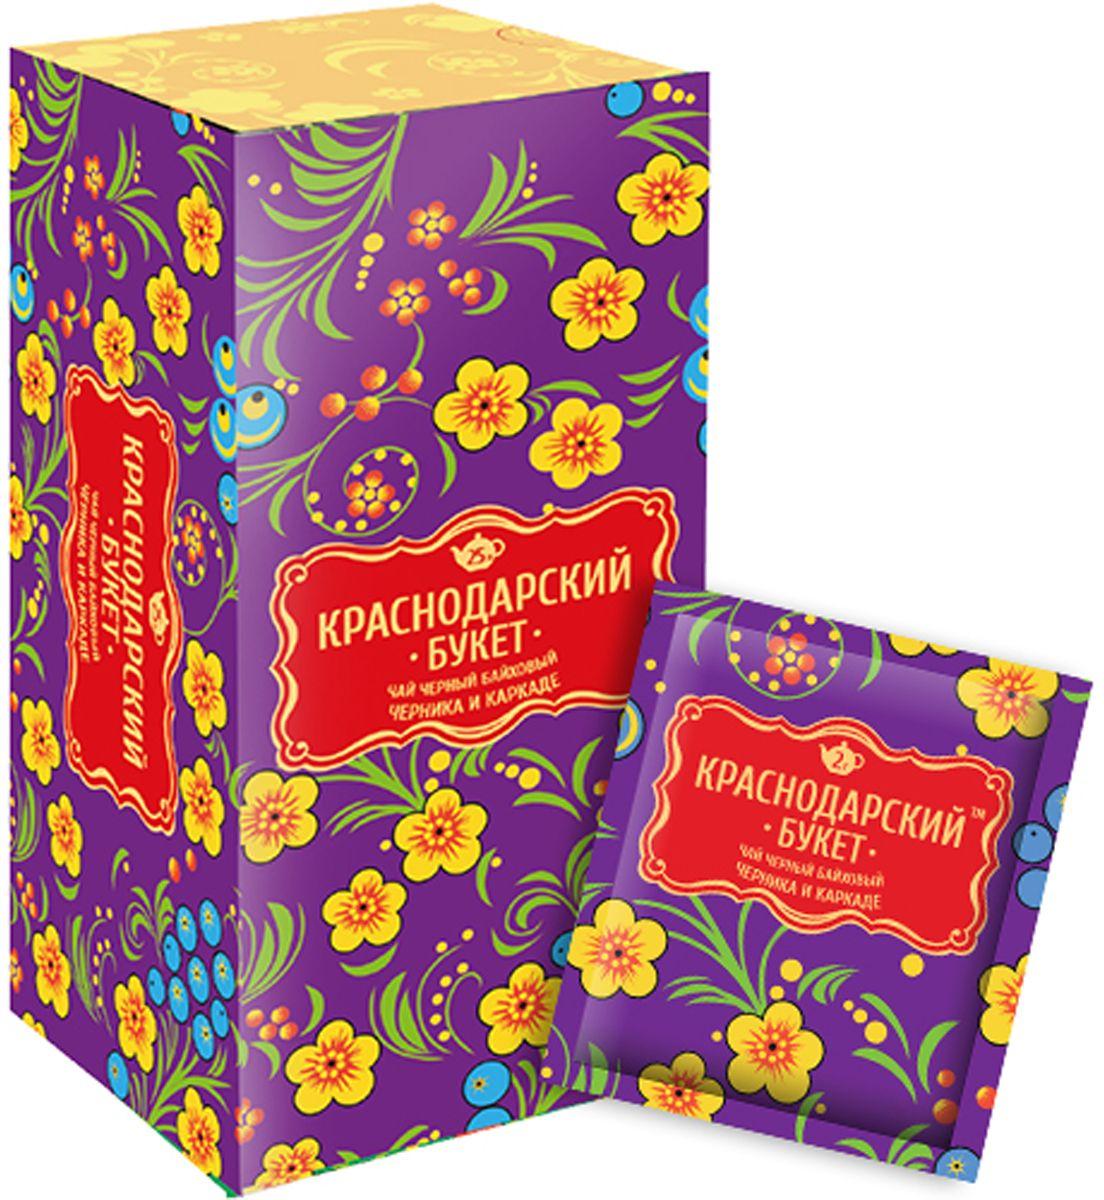 Краснодарский букет чай черный с черникой и каркаде в пакетиках, 25 шт